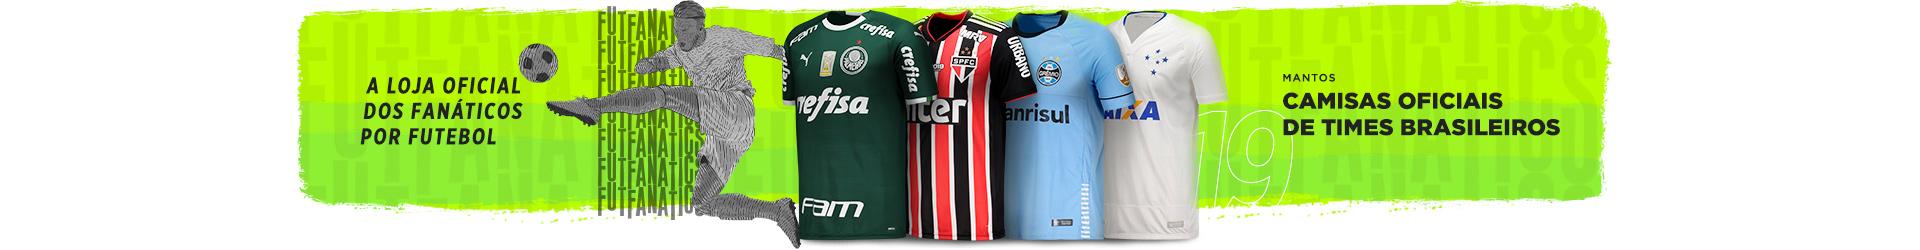 Camisas de Futebol dos Principais Clubes Brasileiros - FutFanatics 3af5df7f7d8a6